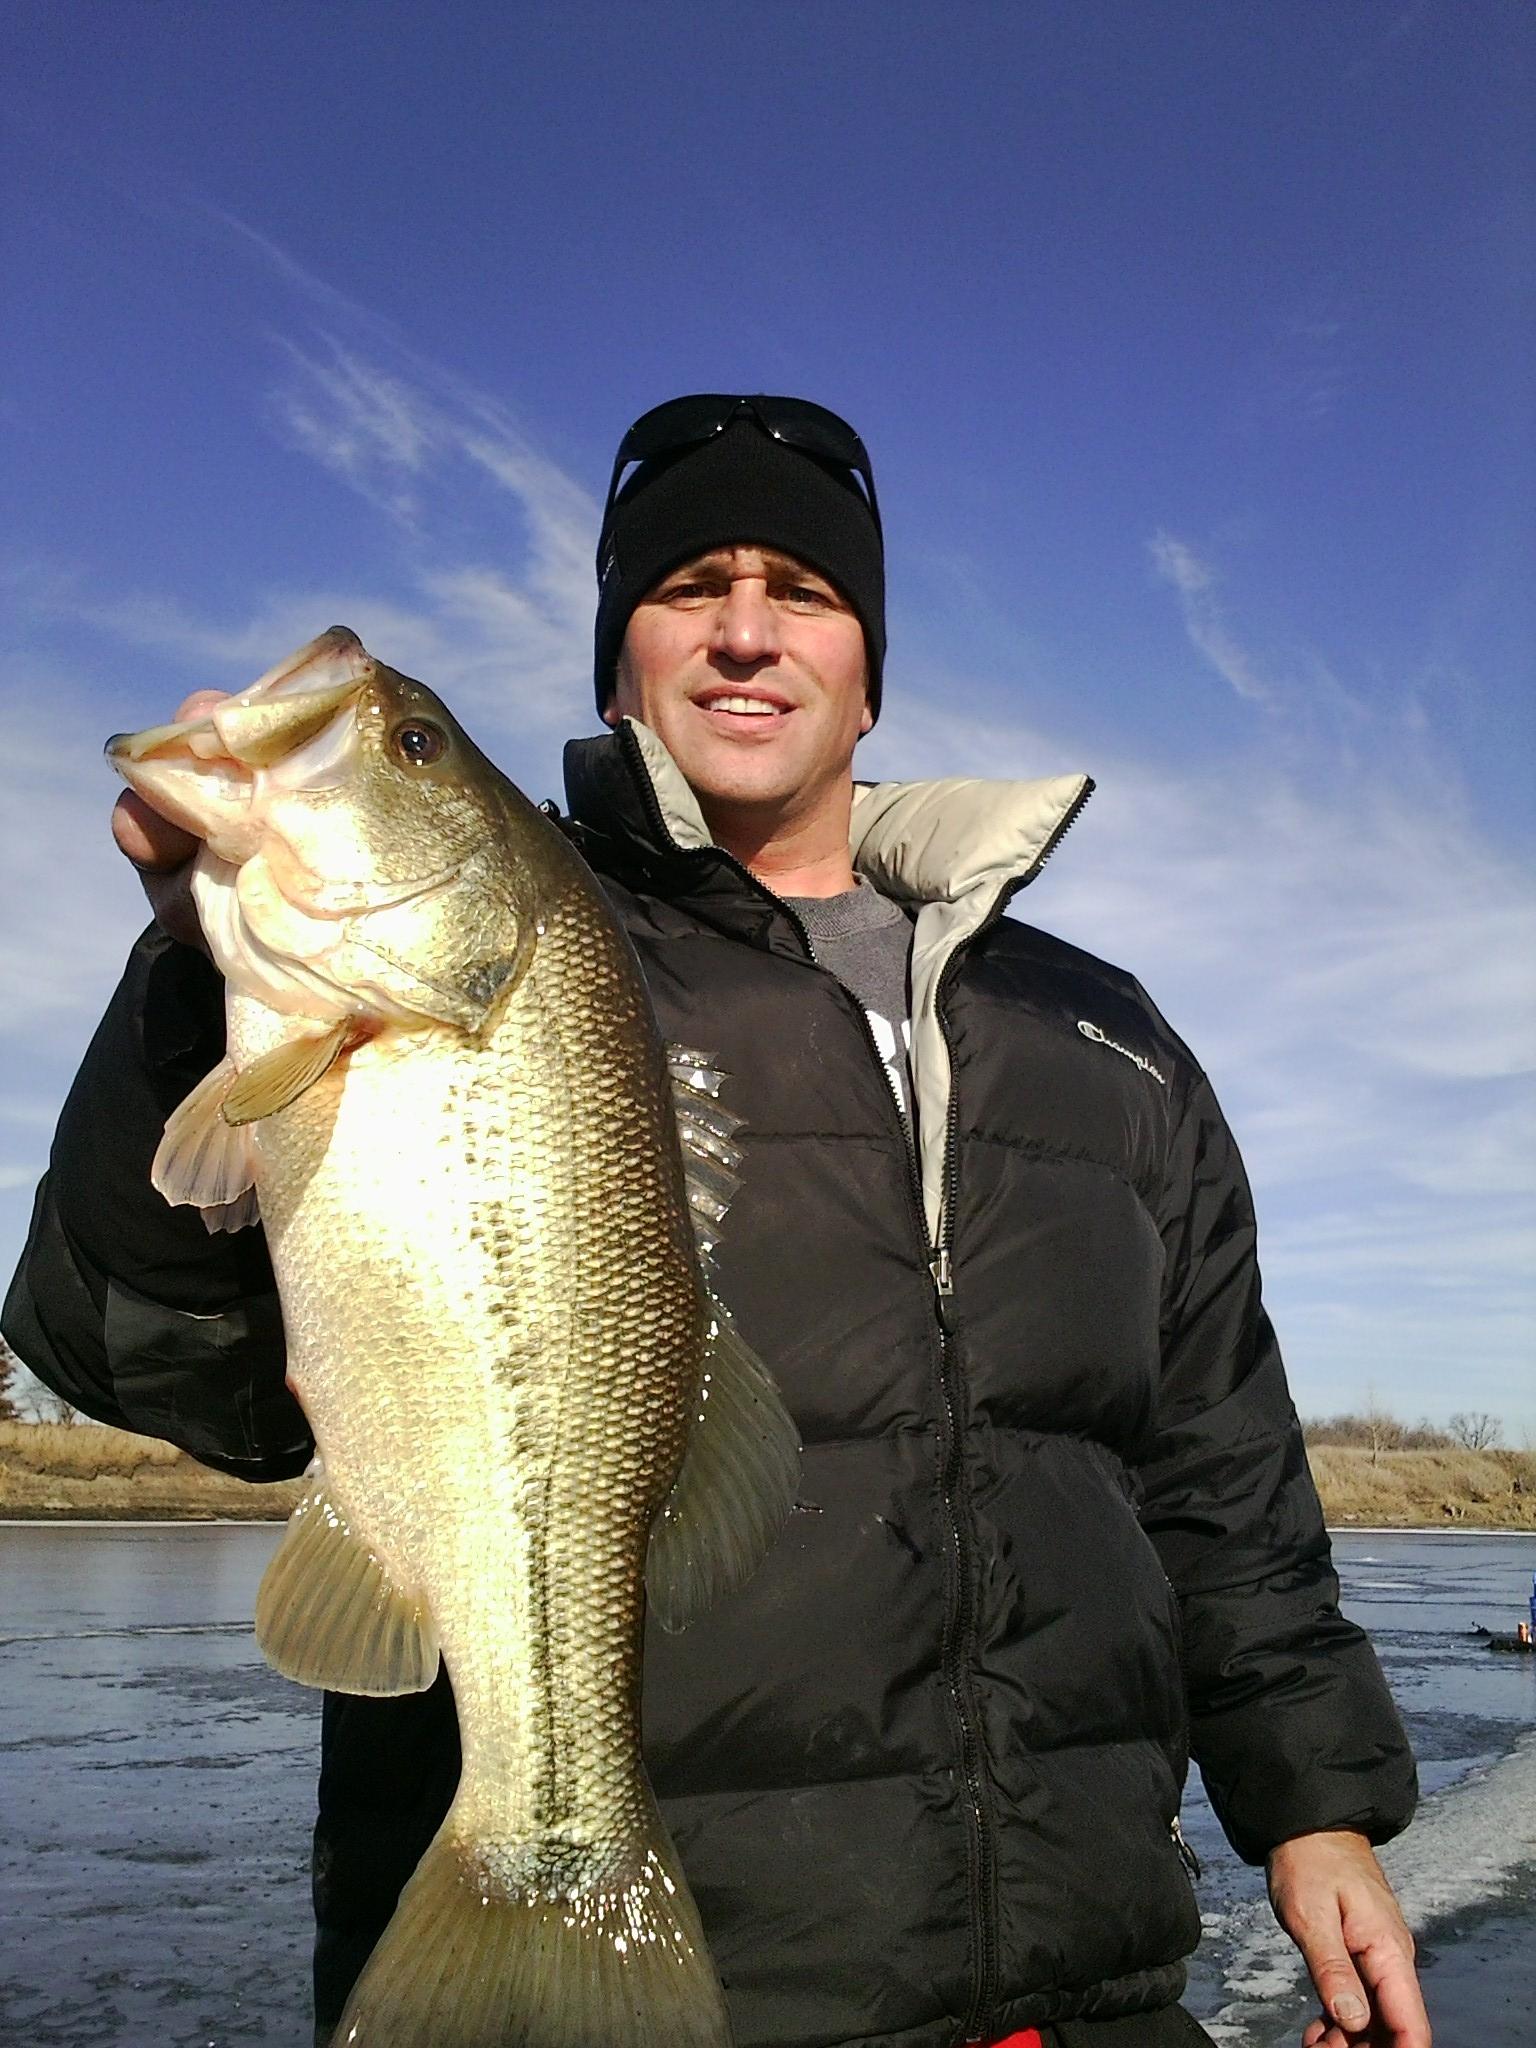 Hog bass through the ice